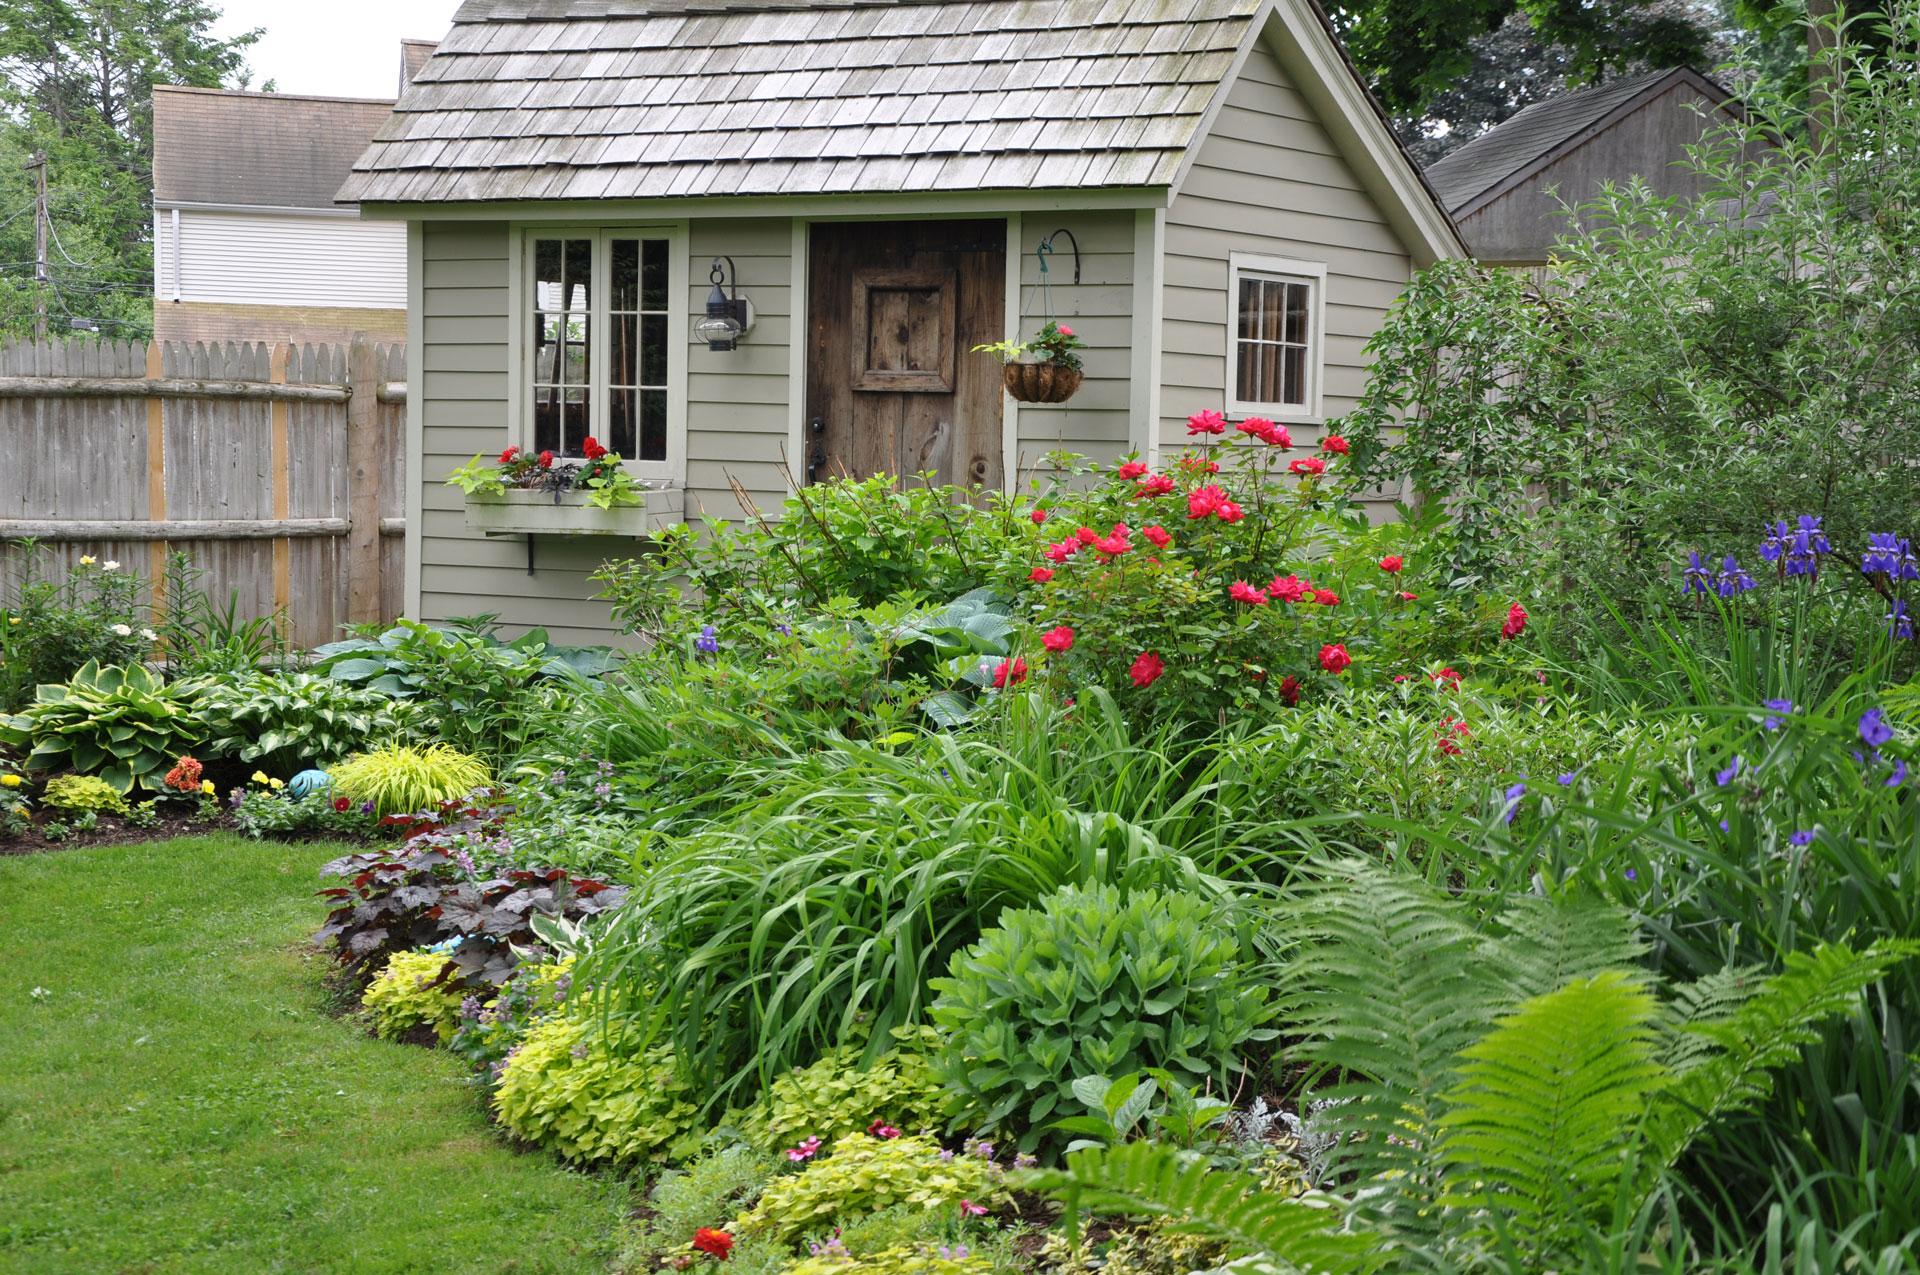 Garden shed, Landscape Design